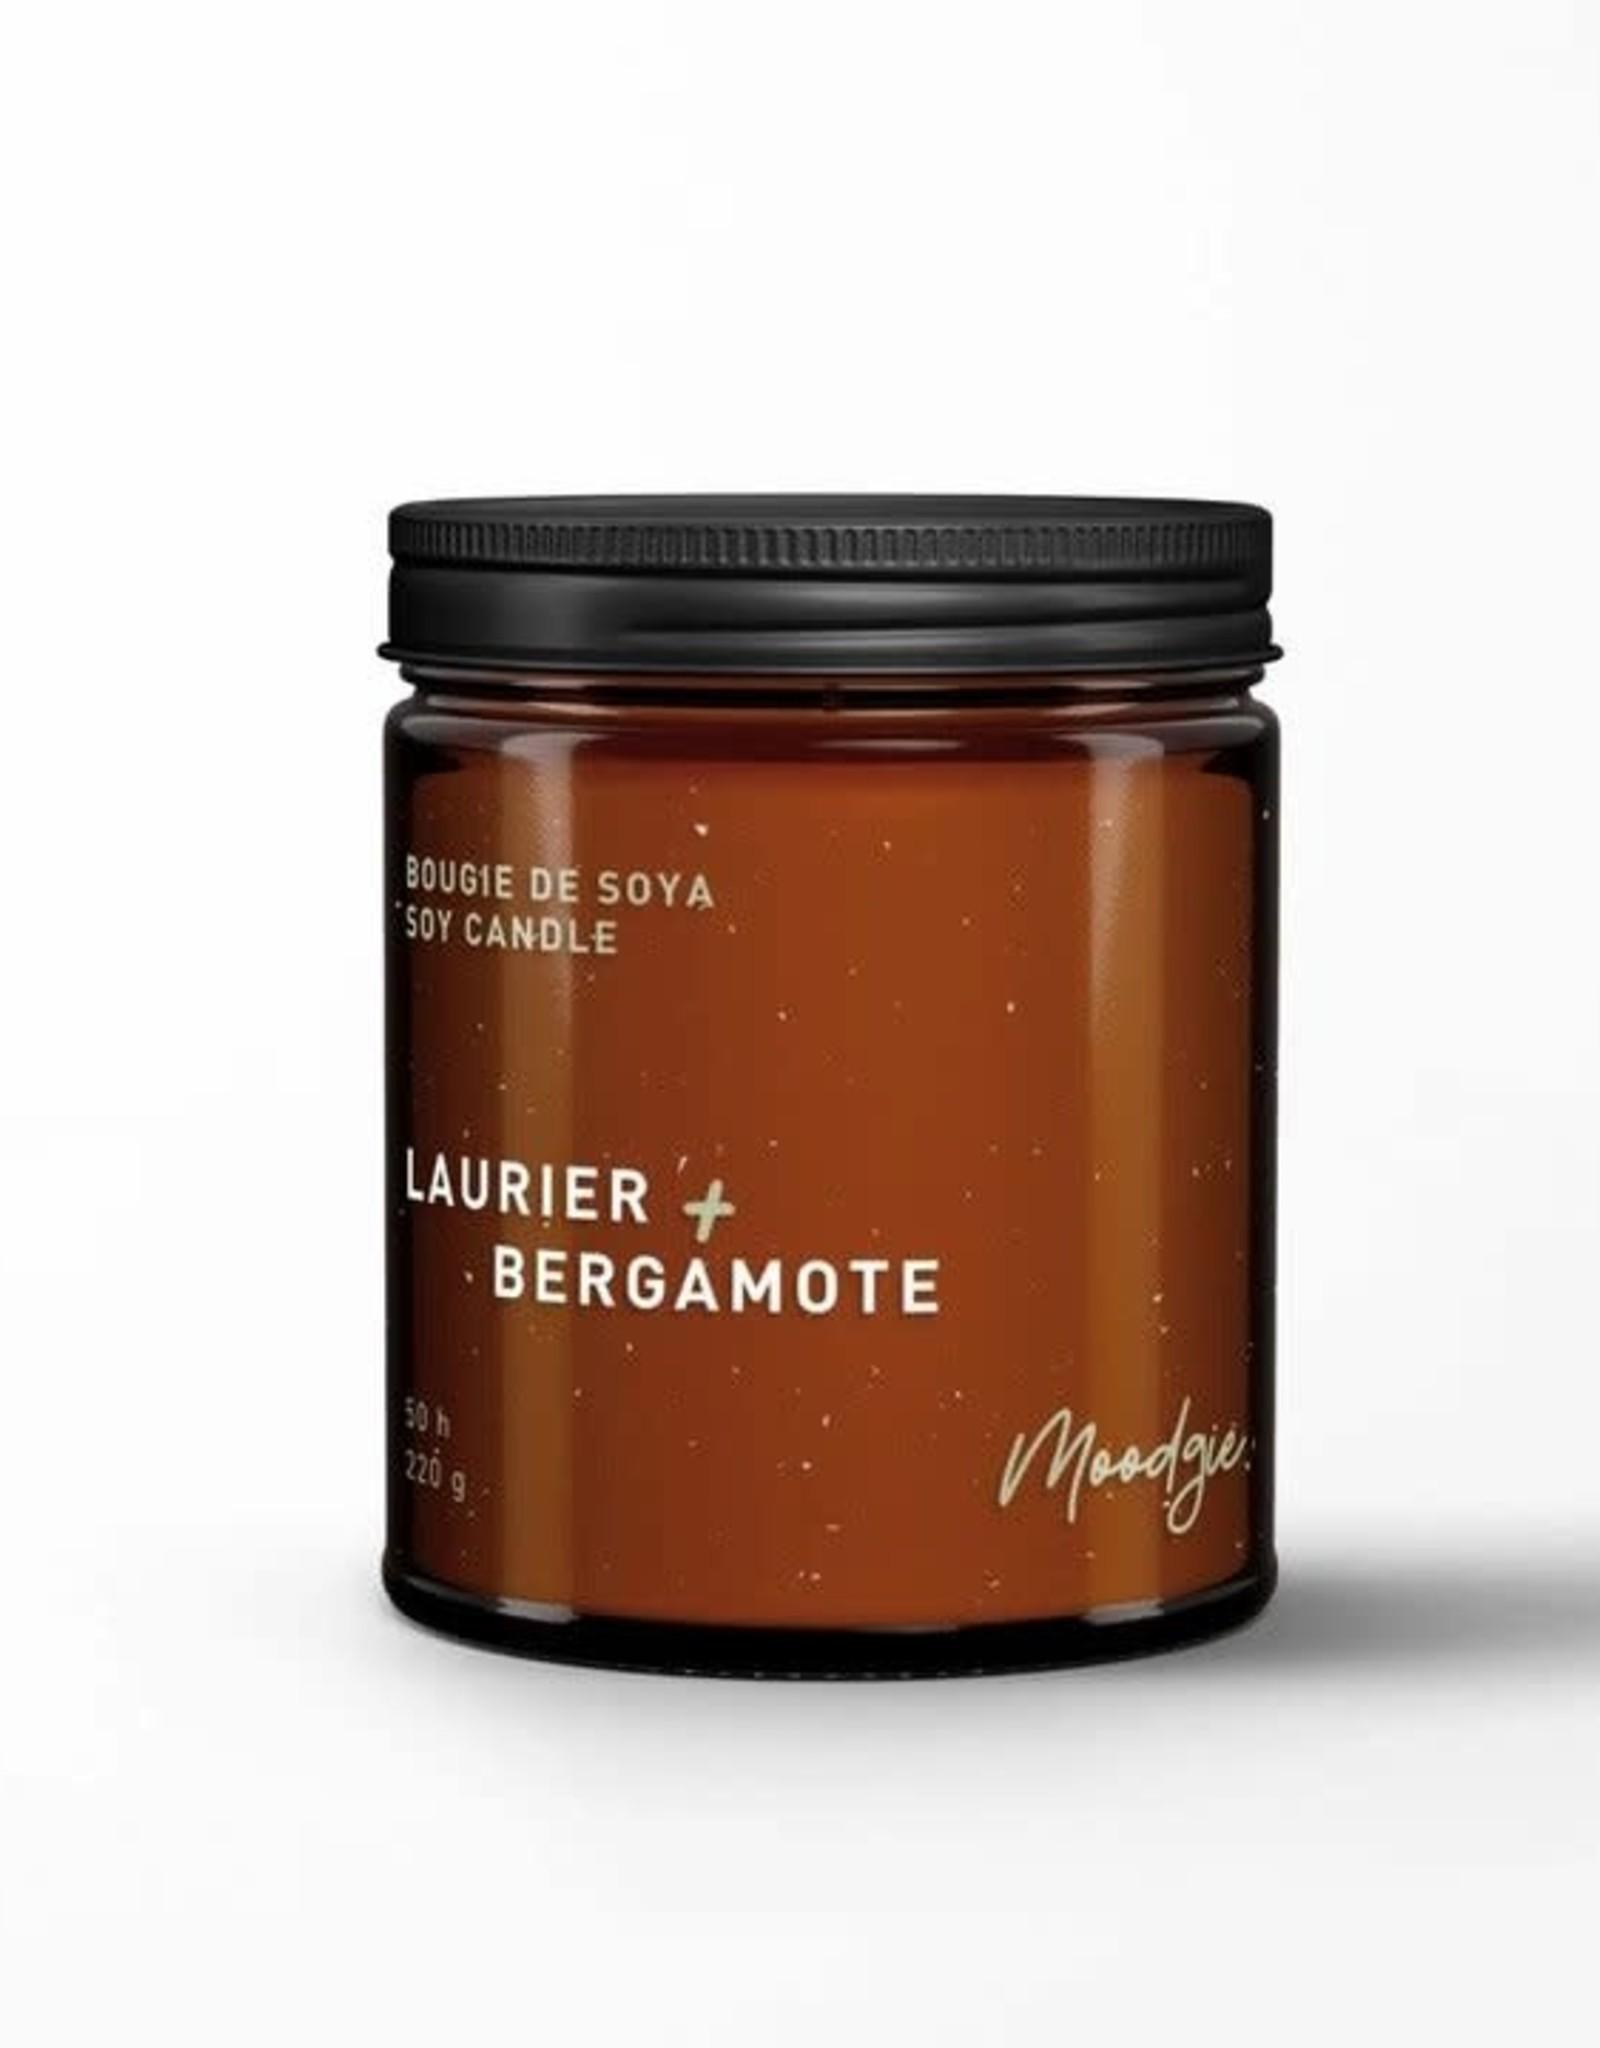 Moodgie Bougie de Soya - Laurier & Bergamote